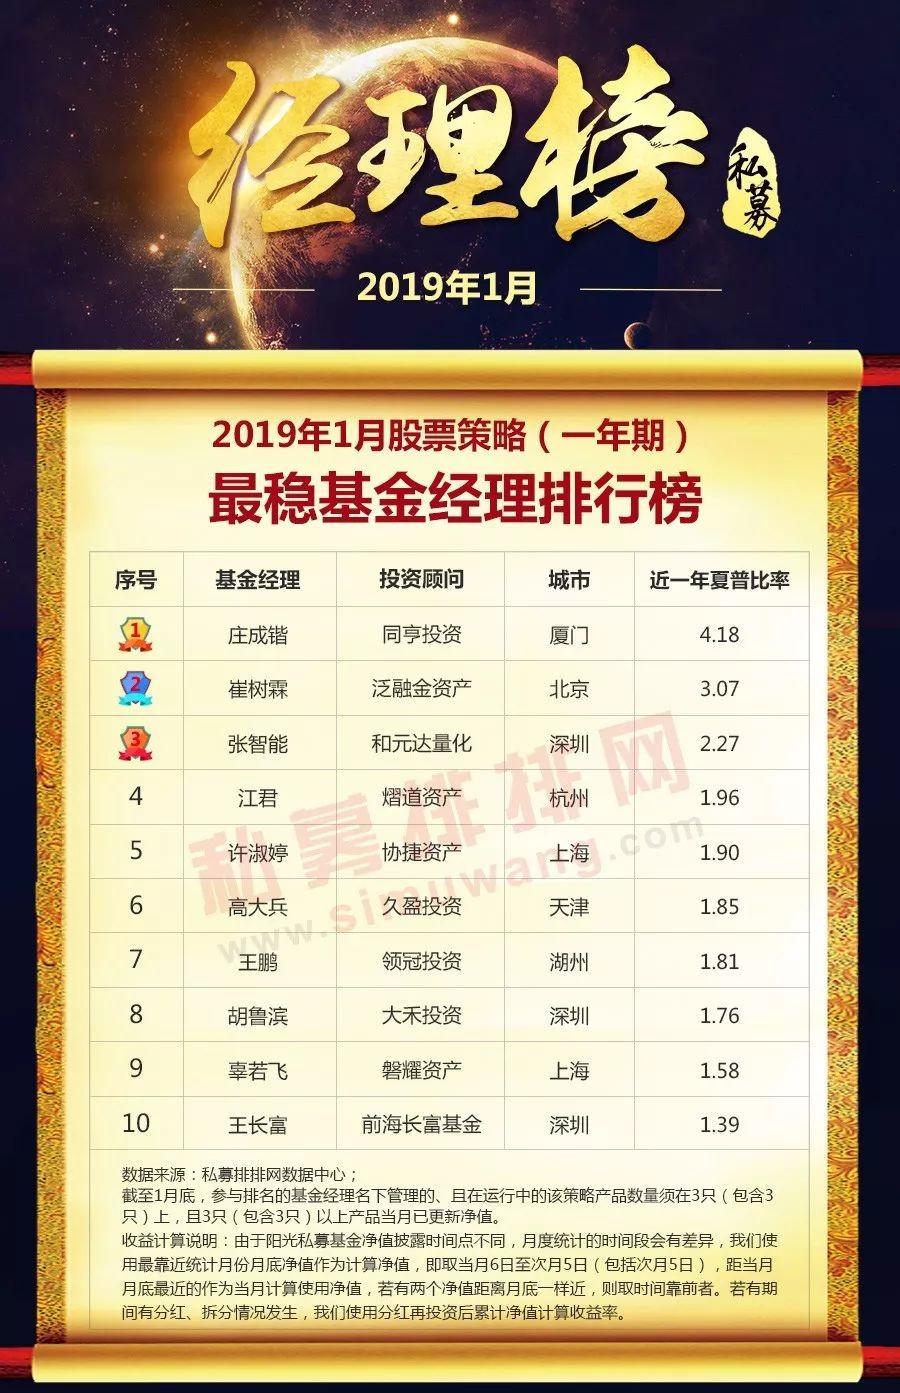 2019年度基金排行_2019年通联数据私募基金排行榜:3月榜